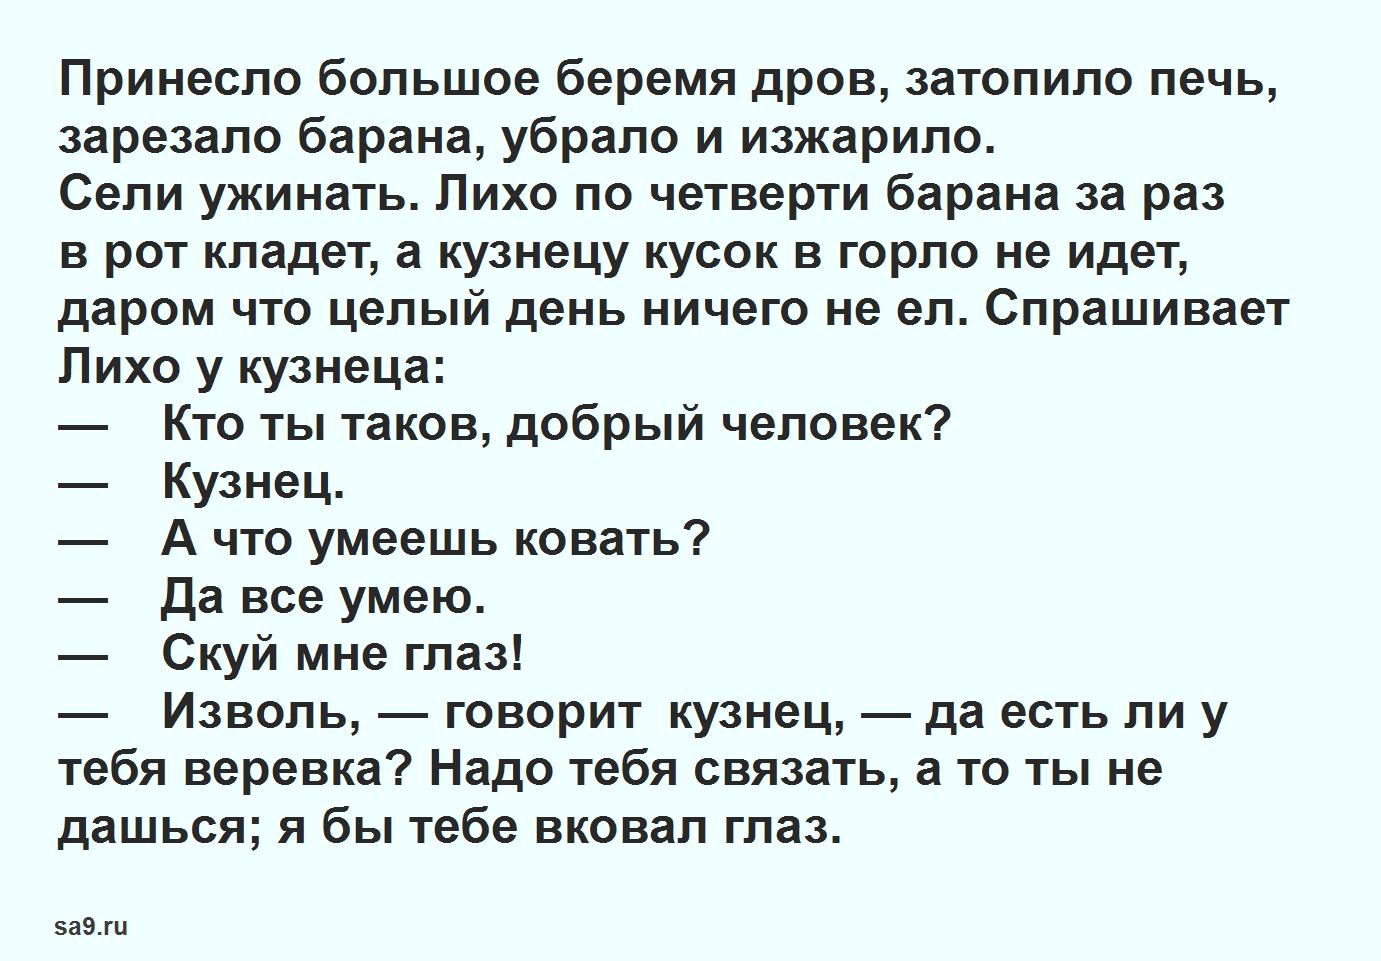 Русская народная сказка - Лихо одноглазое, читать онлайн бесплатно